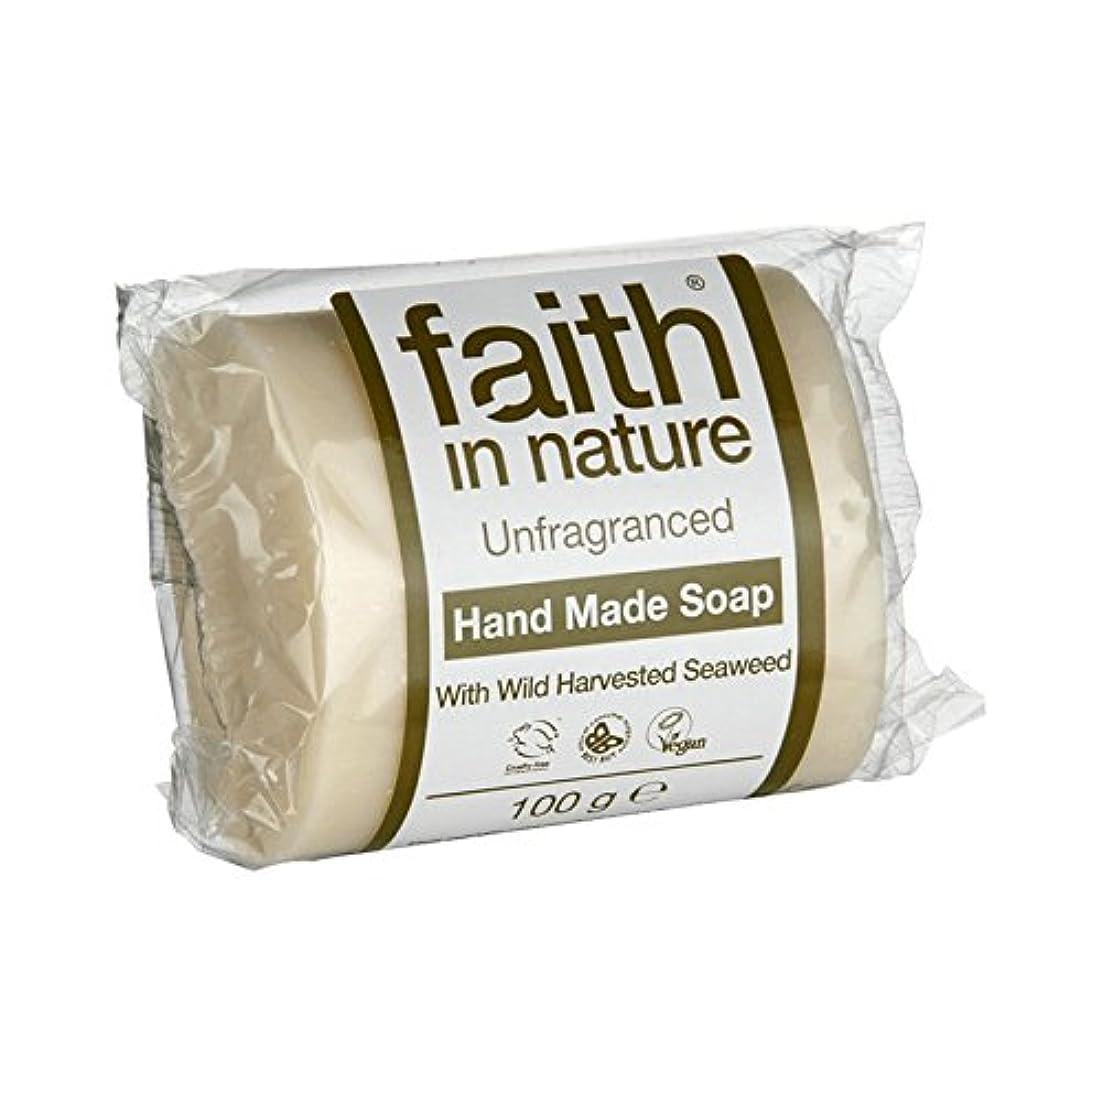 レザー機会略奪Faith in Nature Unfragranced Seaweed Soap 100g (Pack of 2) - 自然無香料海藻石鹸100グラムの信仰 (x2) [並行輸入品]